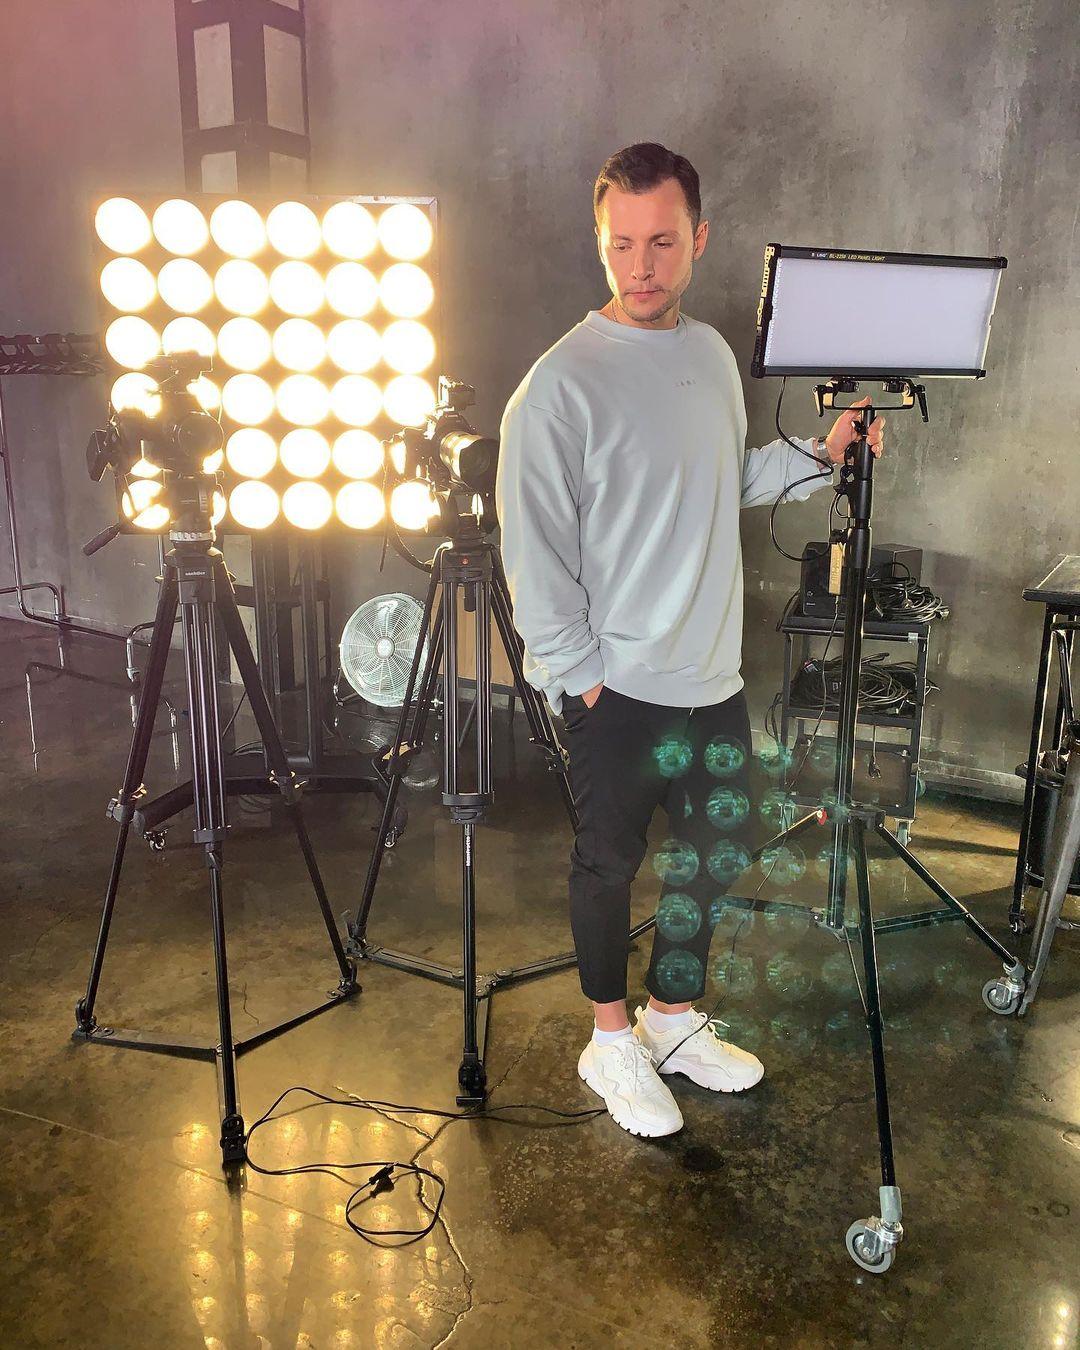 Вячеславу Манучарову стыдно за участие в новогодних шоу